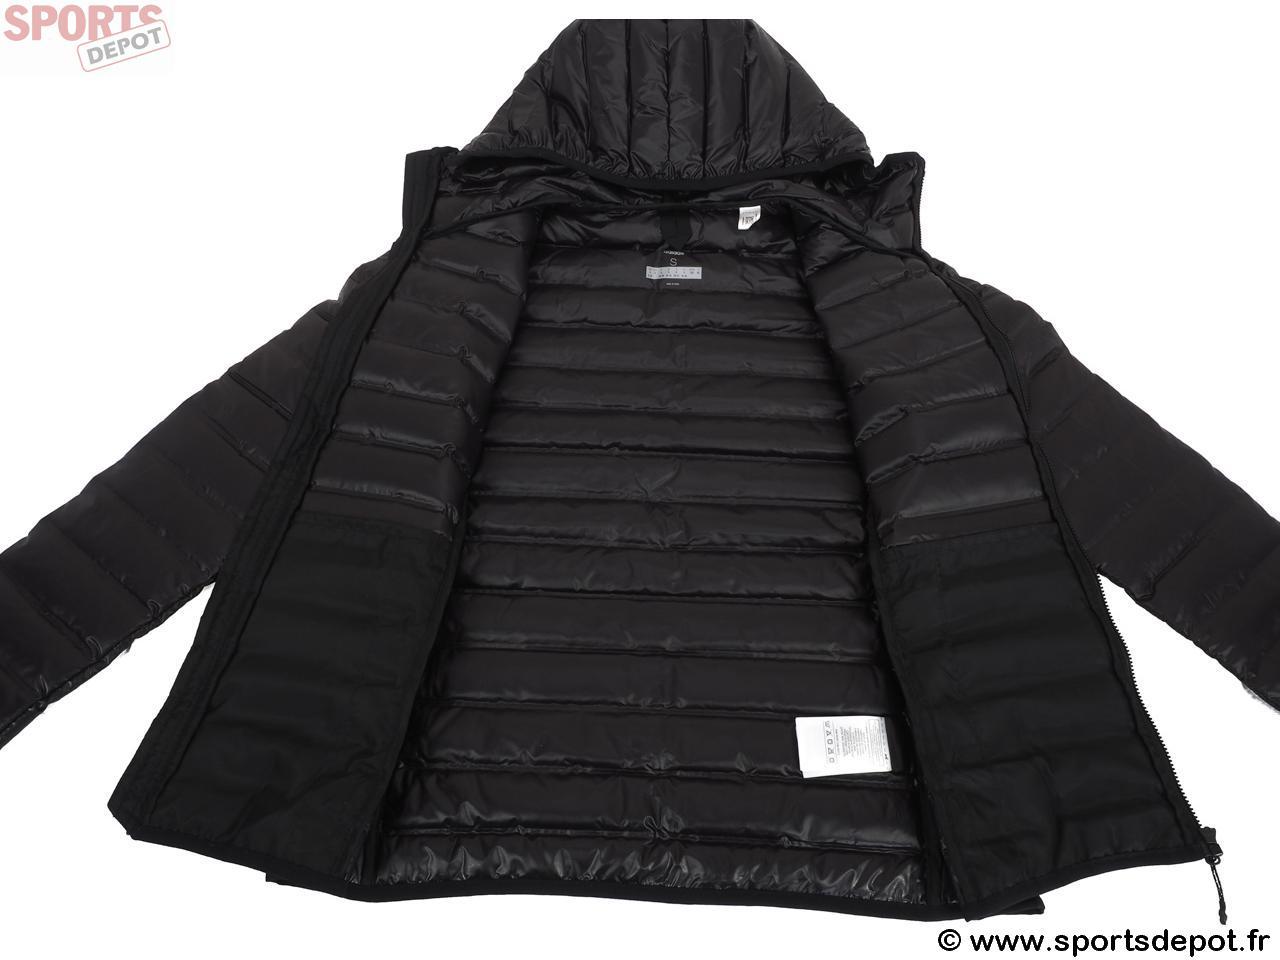 Plumette Doudoune L Acheter Black Varilite Doudounes Adidas Duvet gqwqSxZ